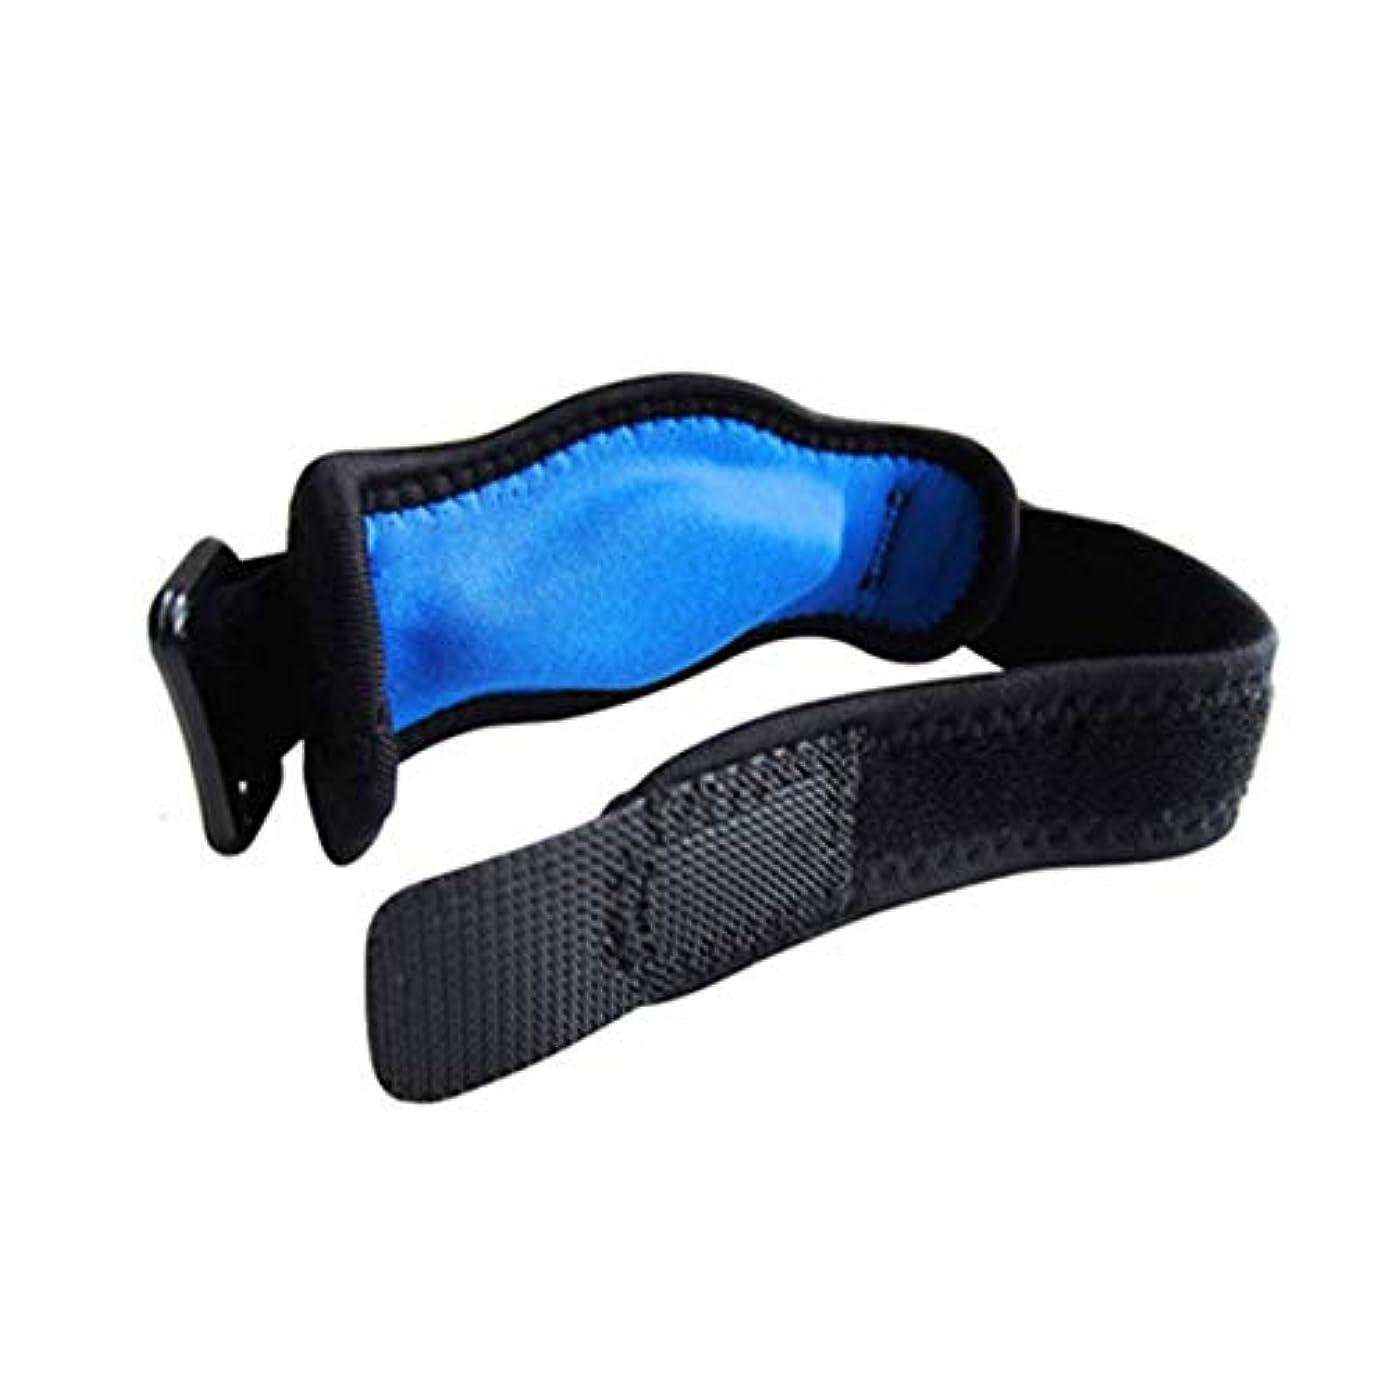 麻痺させる甘味ルー調整可能なテニス肘サポートストラップブレースゴルフ前腕の痛みの軽減-ブラック